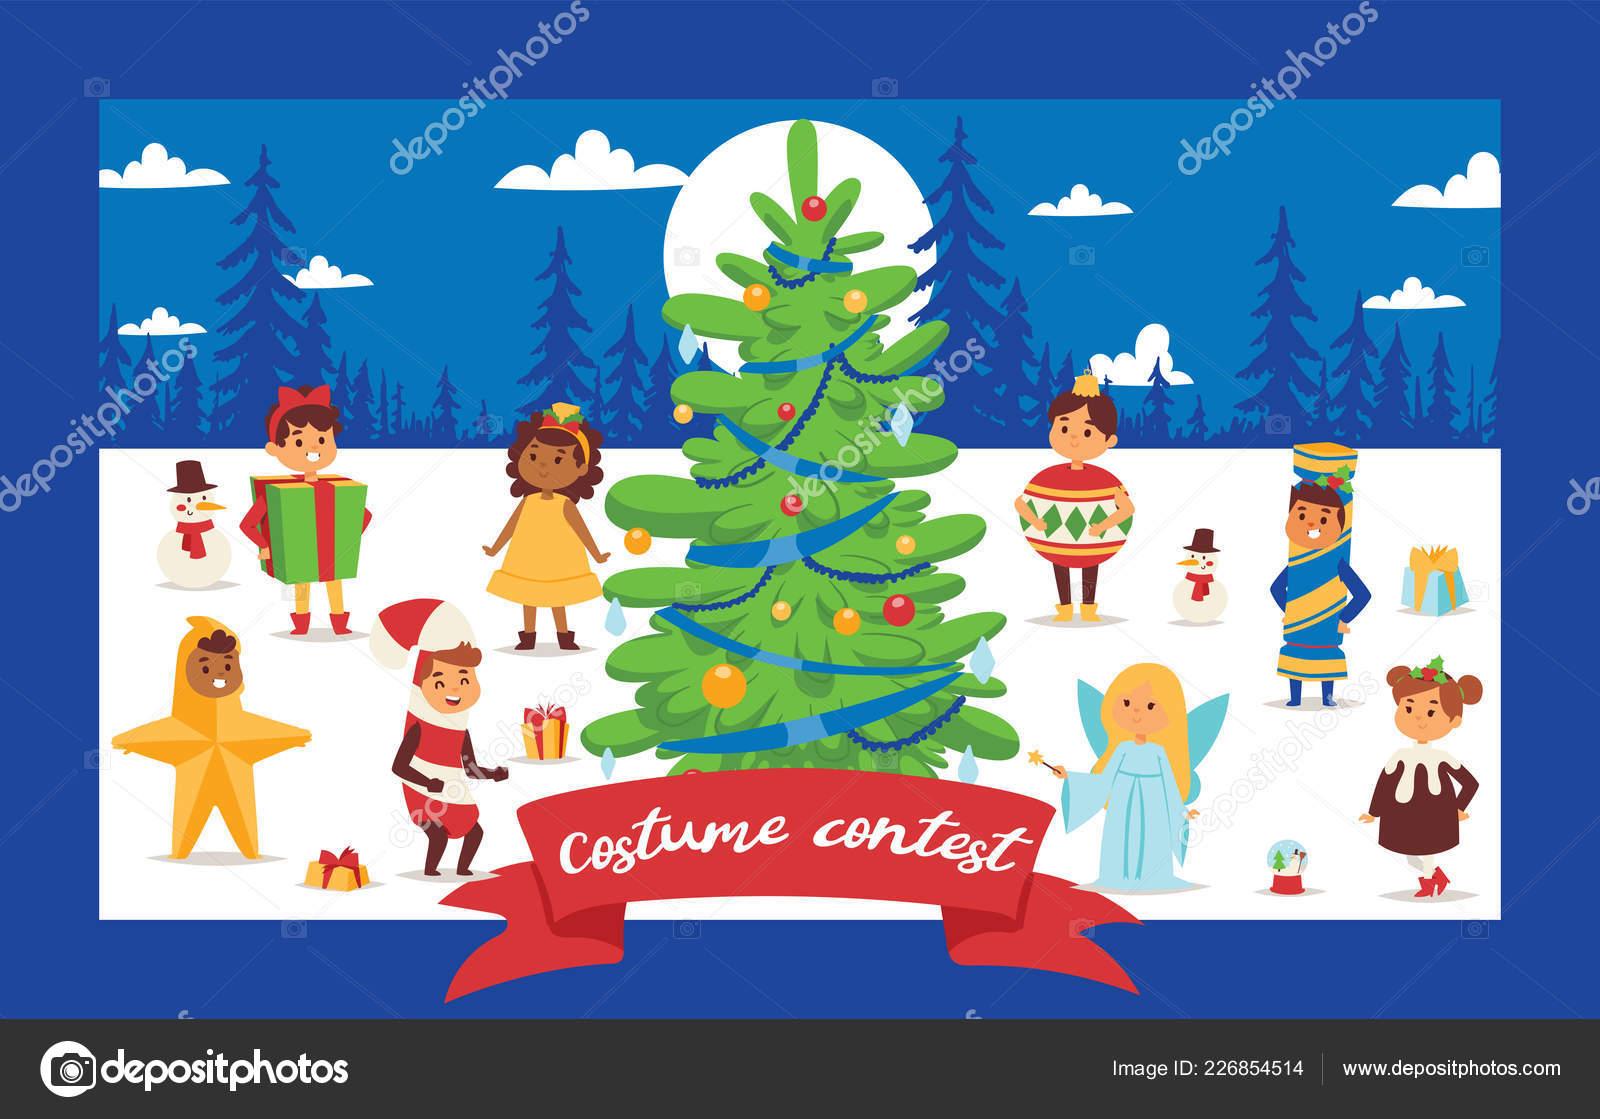 Imagenes Felicitacion Navidad 2019.Tarjeta De Felicitacion De Navidad 2019 Feliz Ano Nuevo